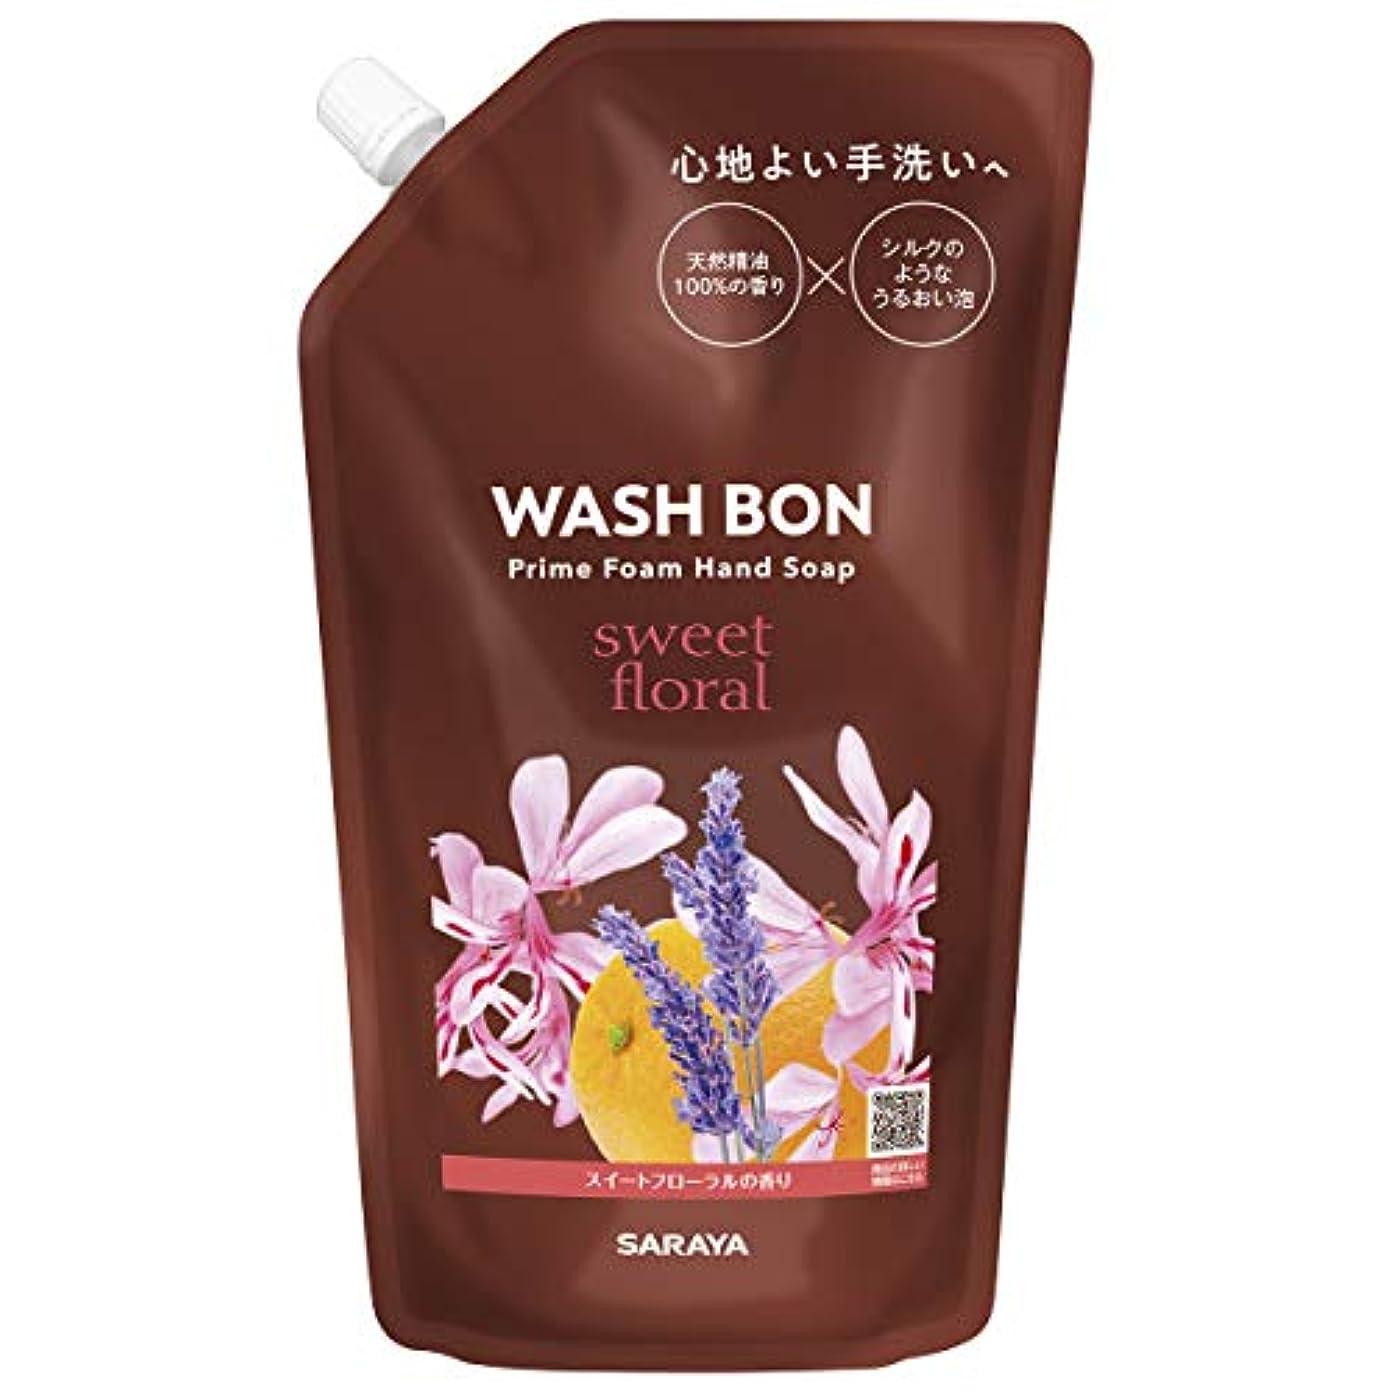 壮大な多用途バブルサラヤ ウォシュボンプライムフォーム スイートフローラル 詰替 500ml 石鹸